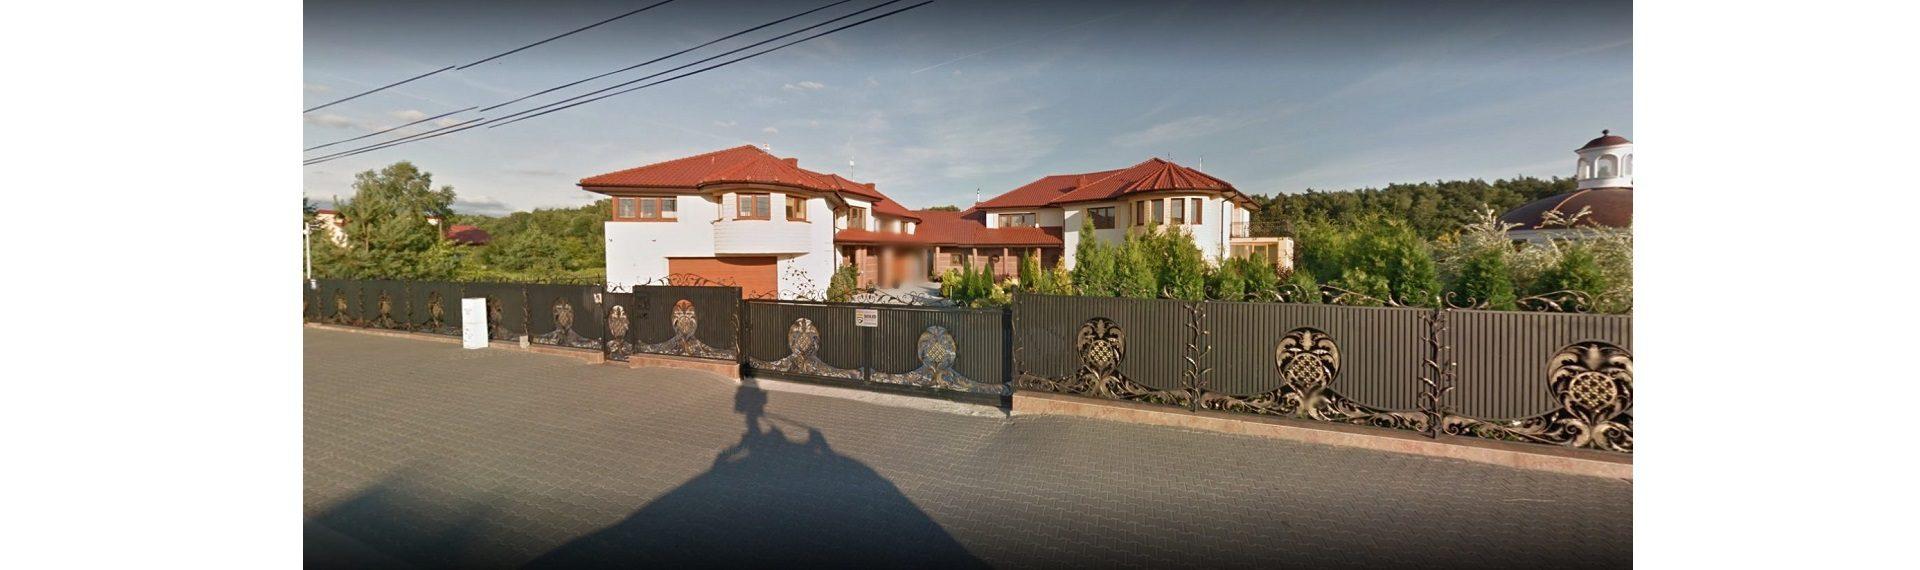 Dom w Jastrzębiu